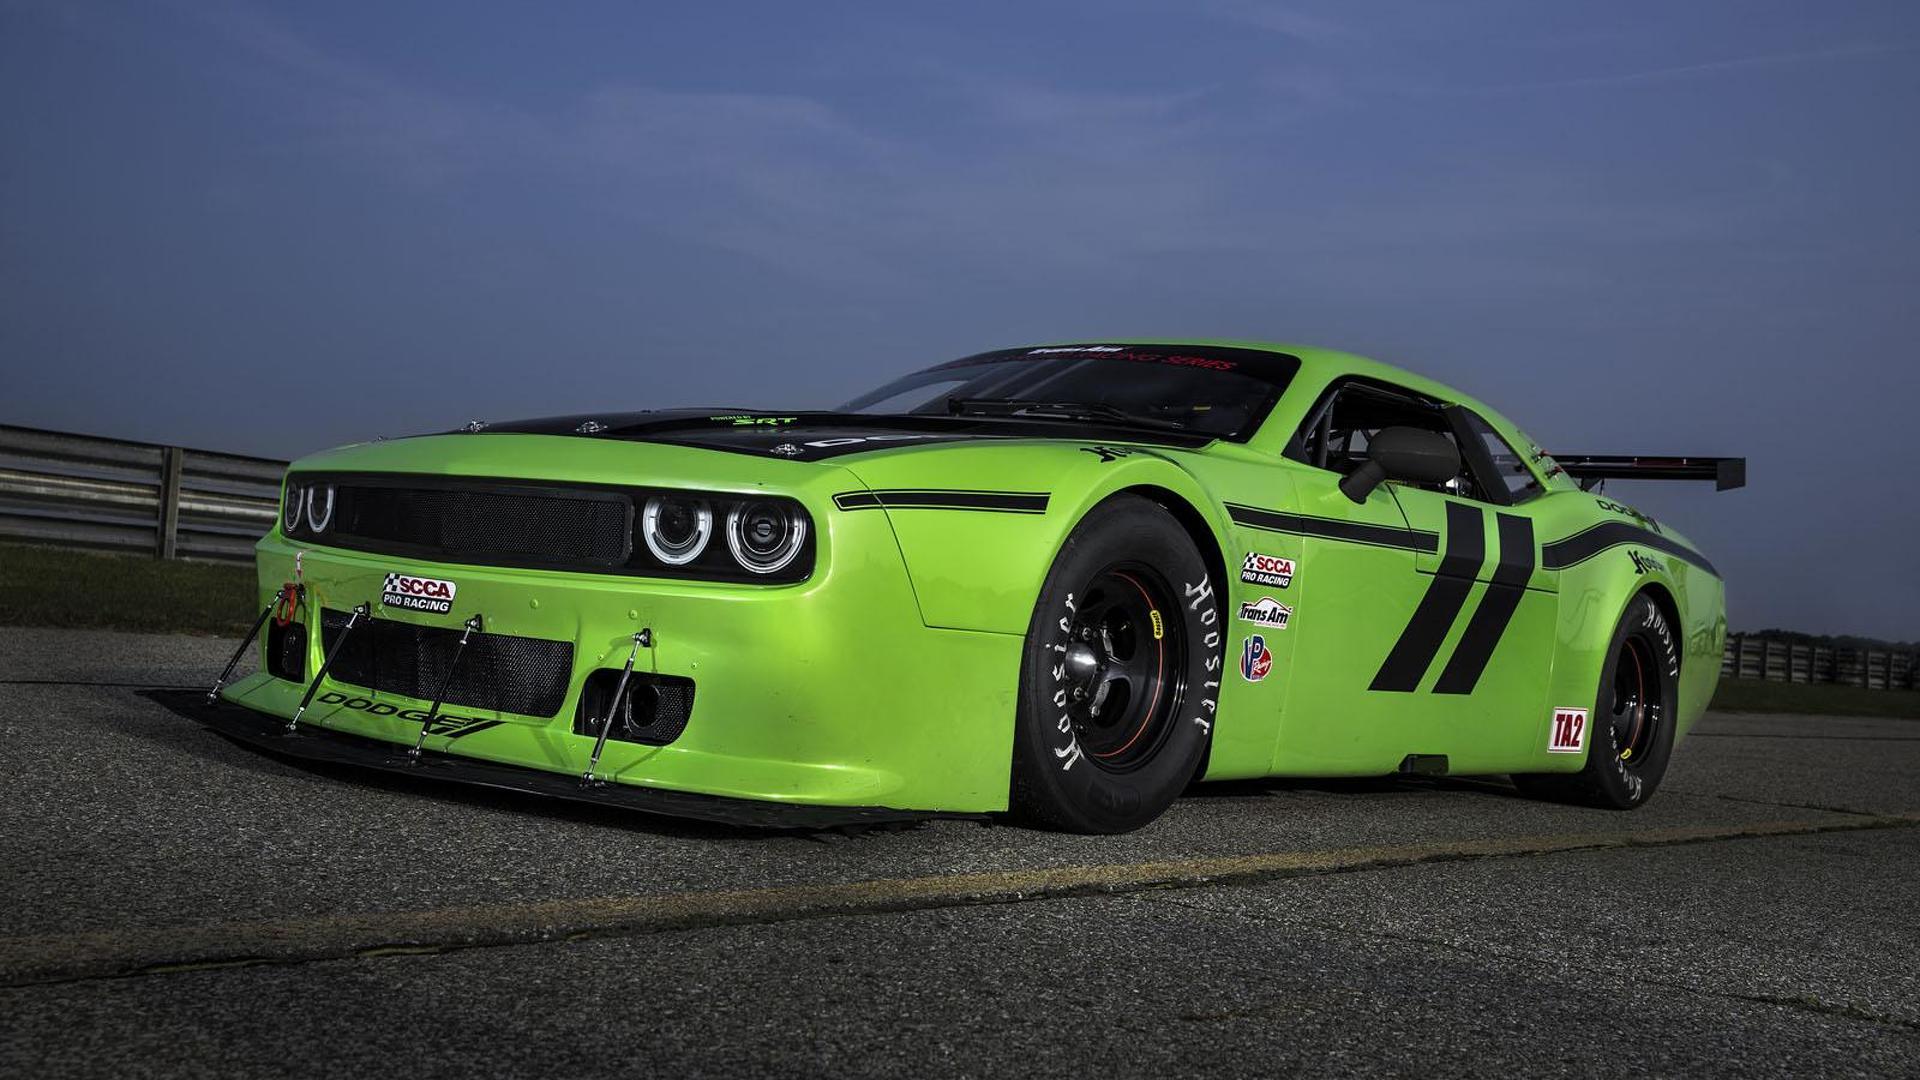 Dodge Challenger SRT Trans Am race car unveiled